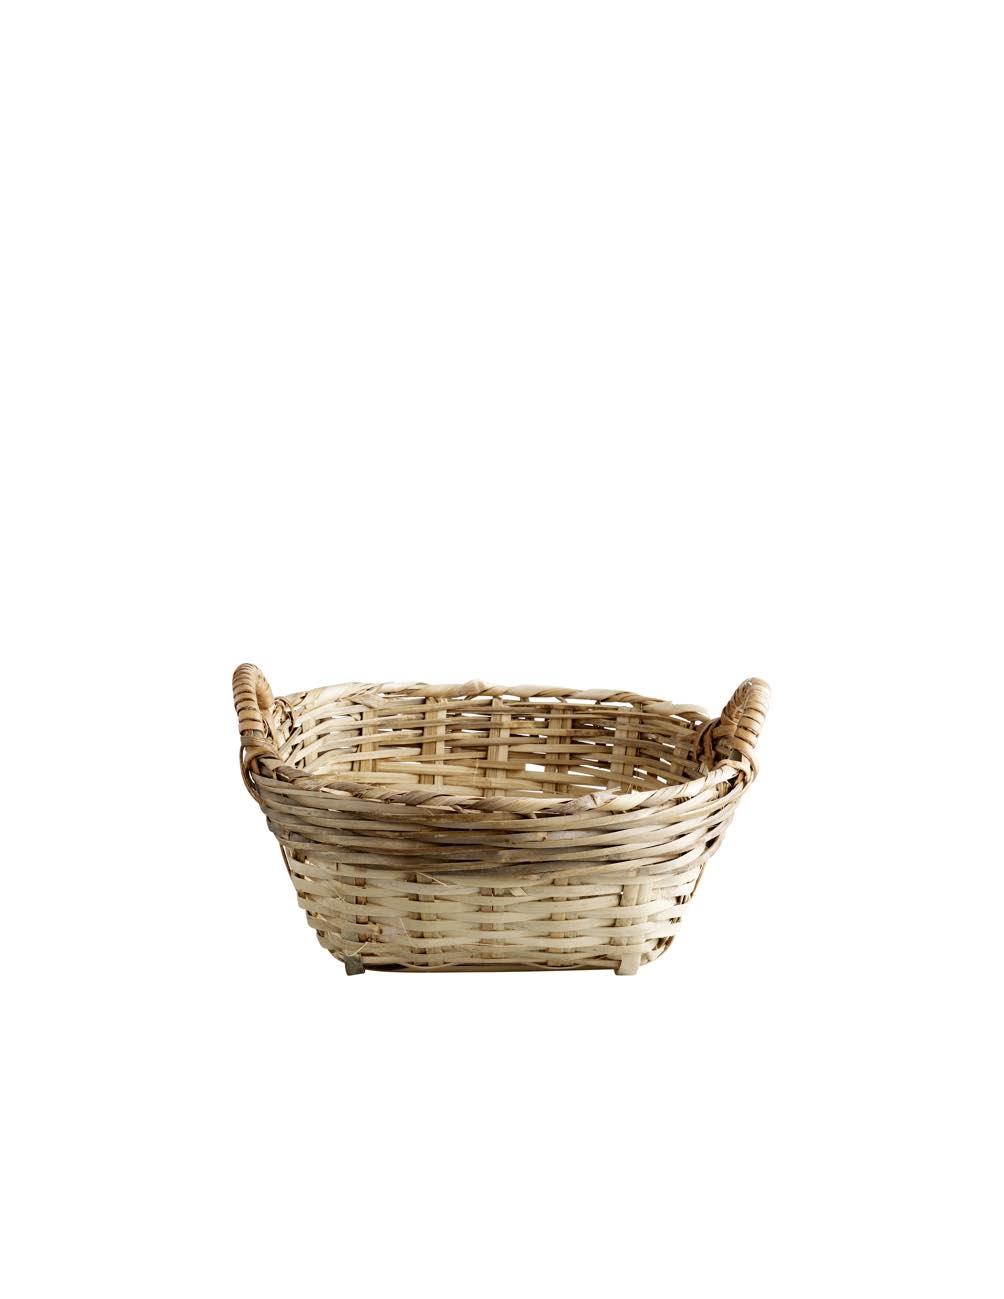 Bread Market Basket